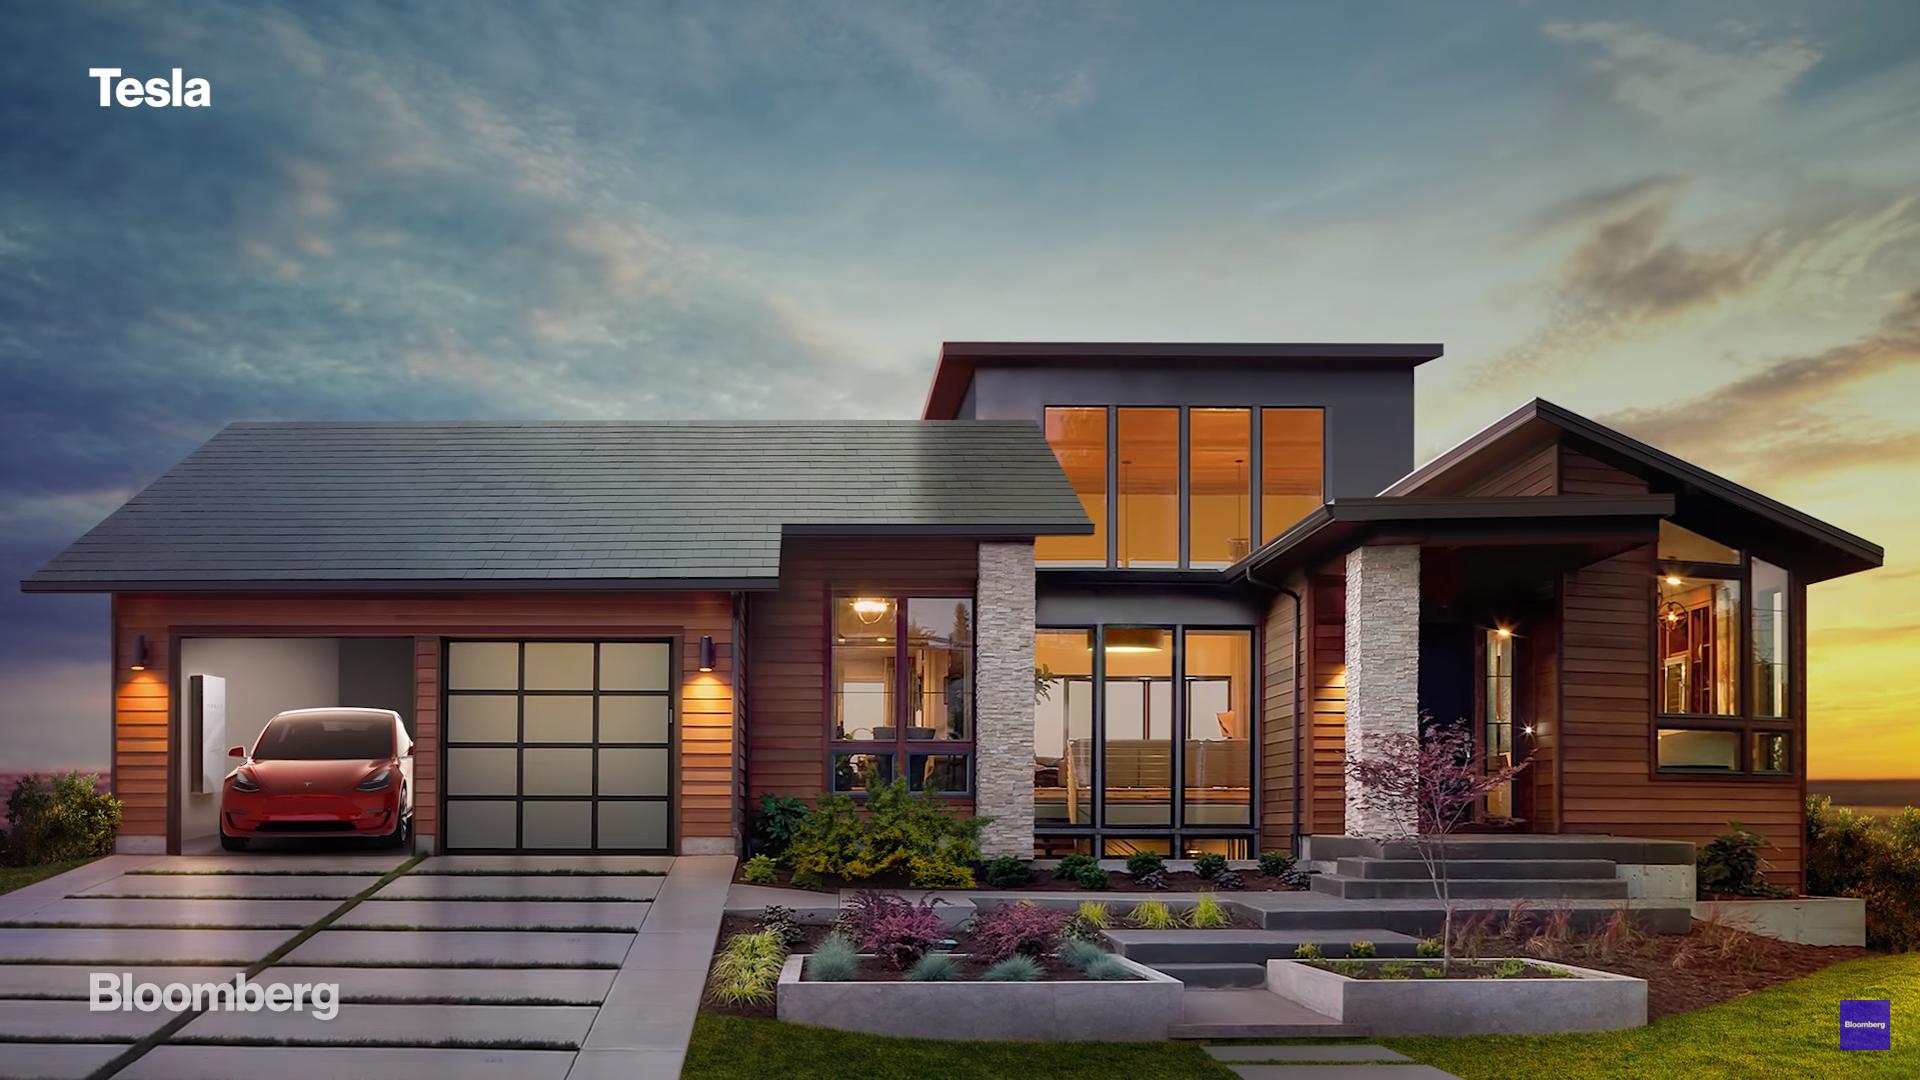 Tesla Solar Roof Elon Musk renewable energy